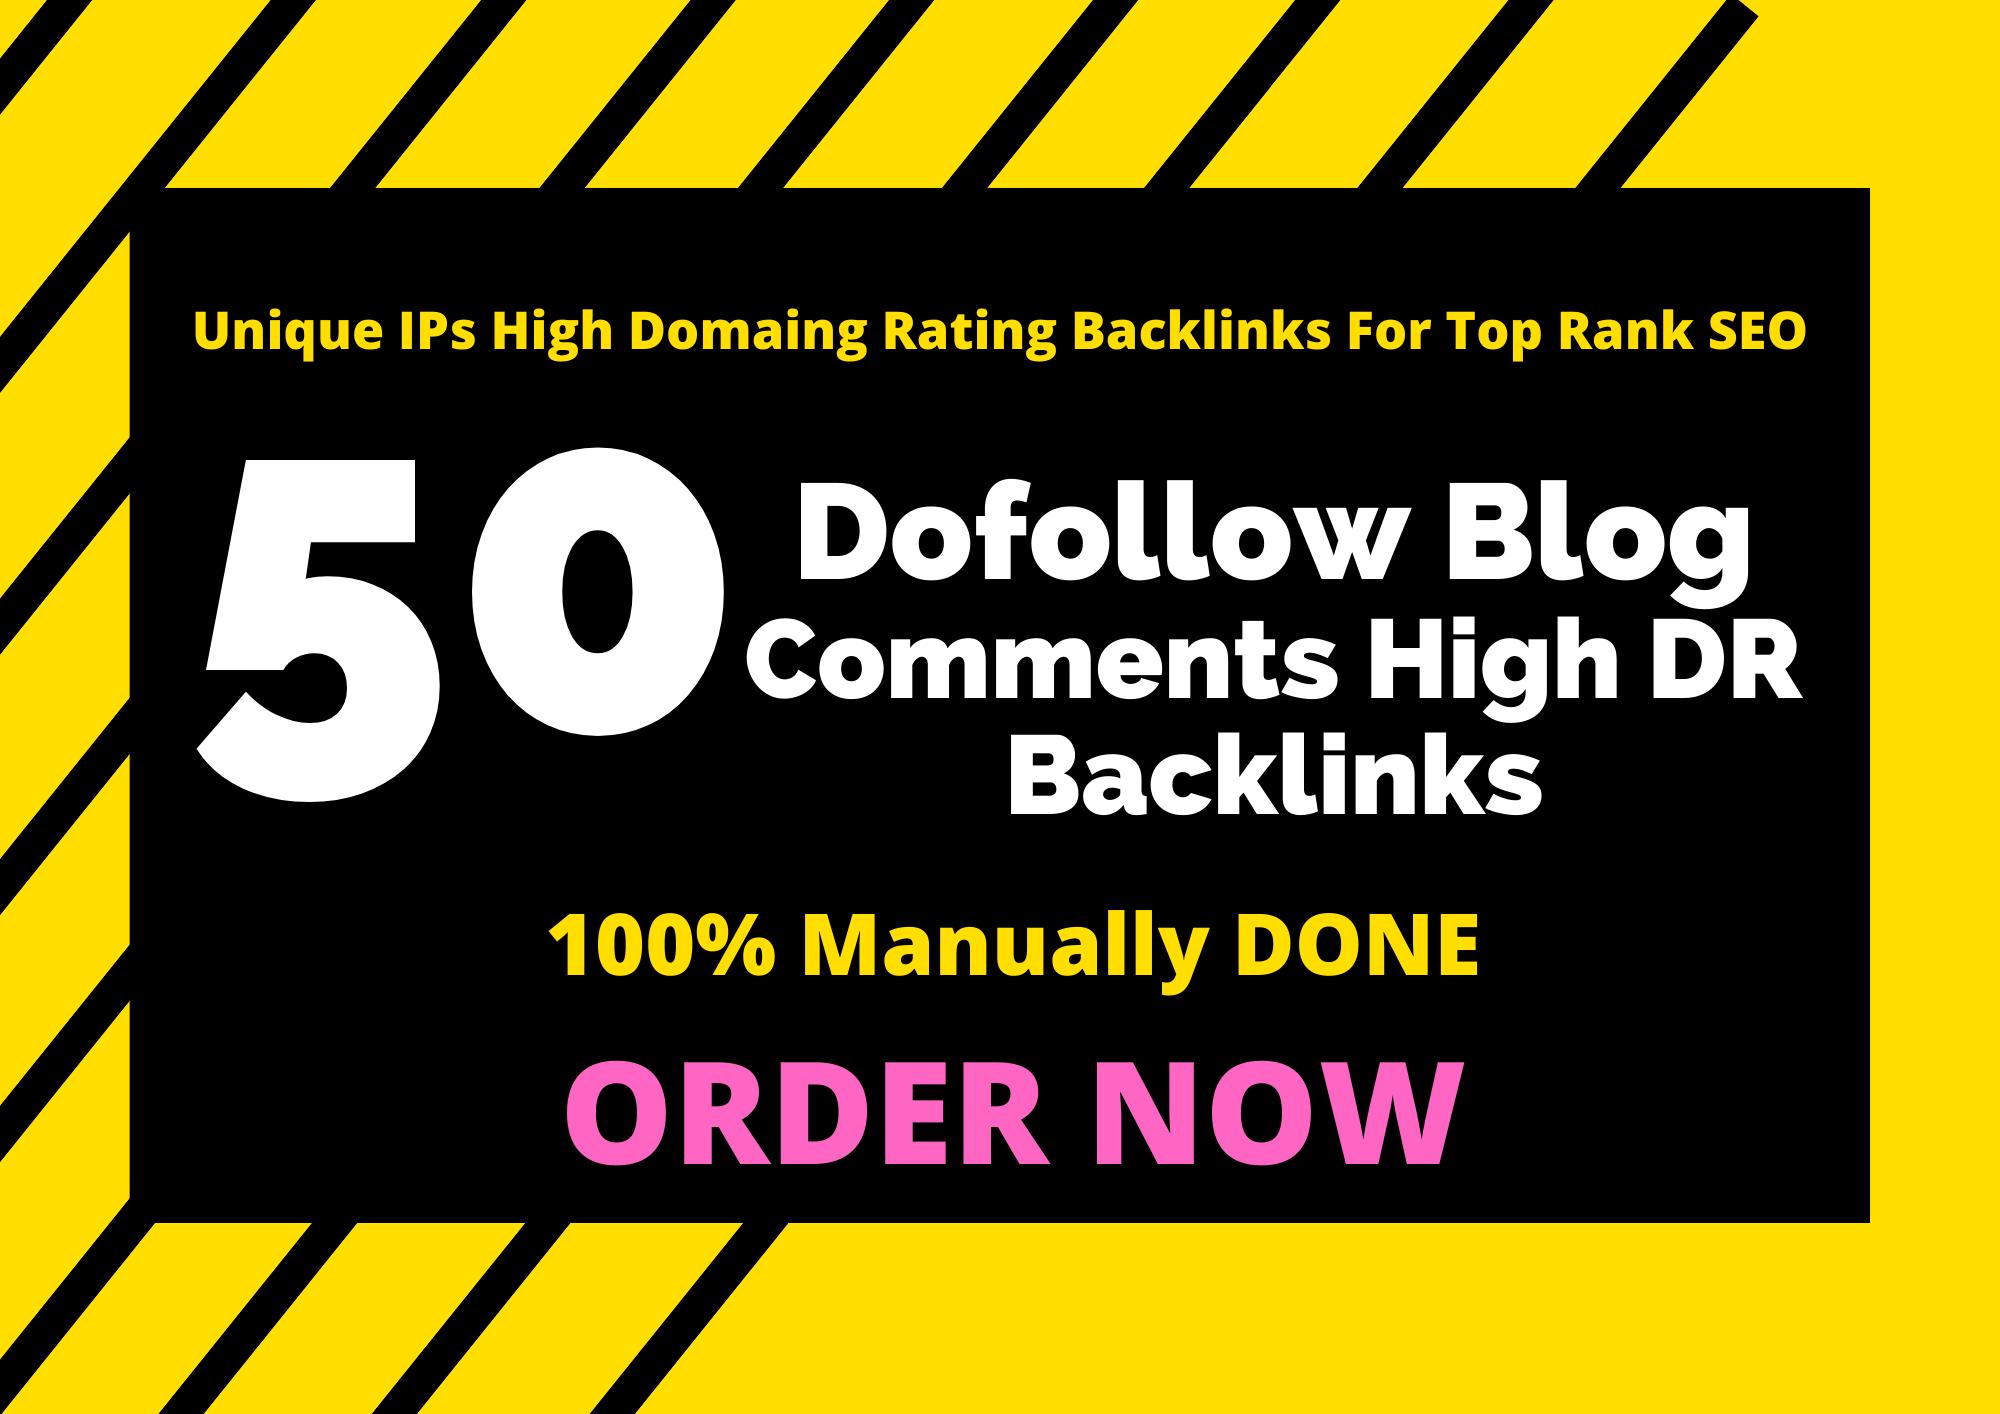 50 Super Blog Comments High DR Backlinks SEO